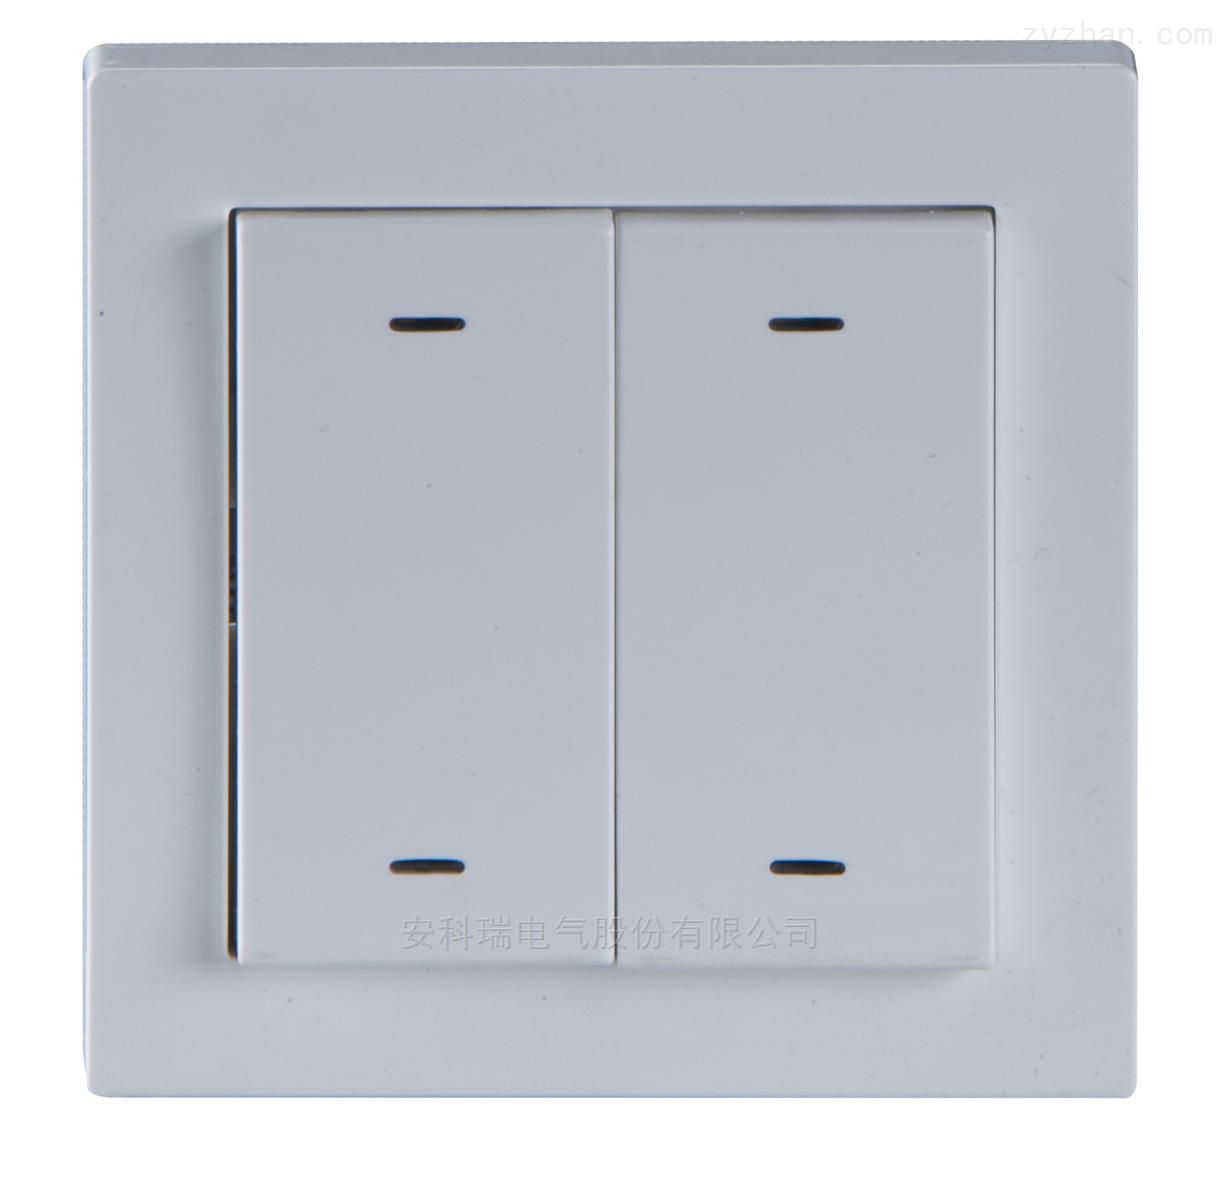 ASL100-F2/4-安科瑞智能照明控制系统2联4键智能面板